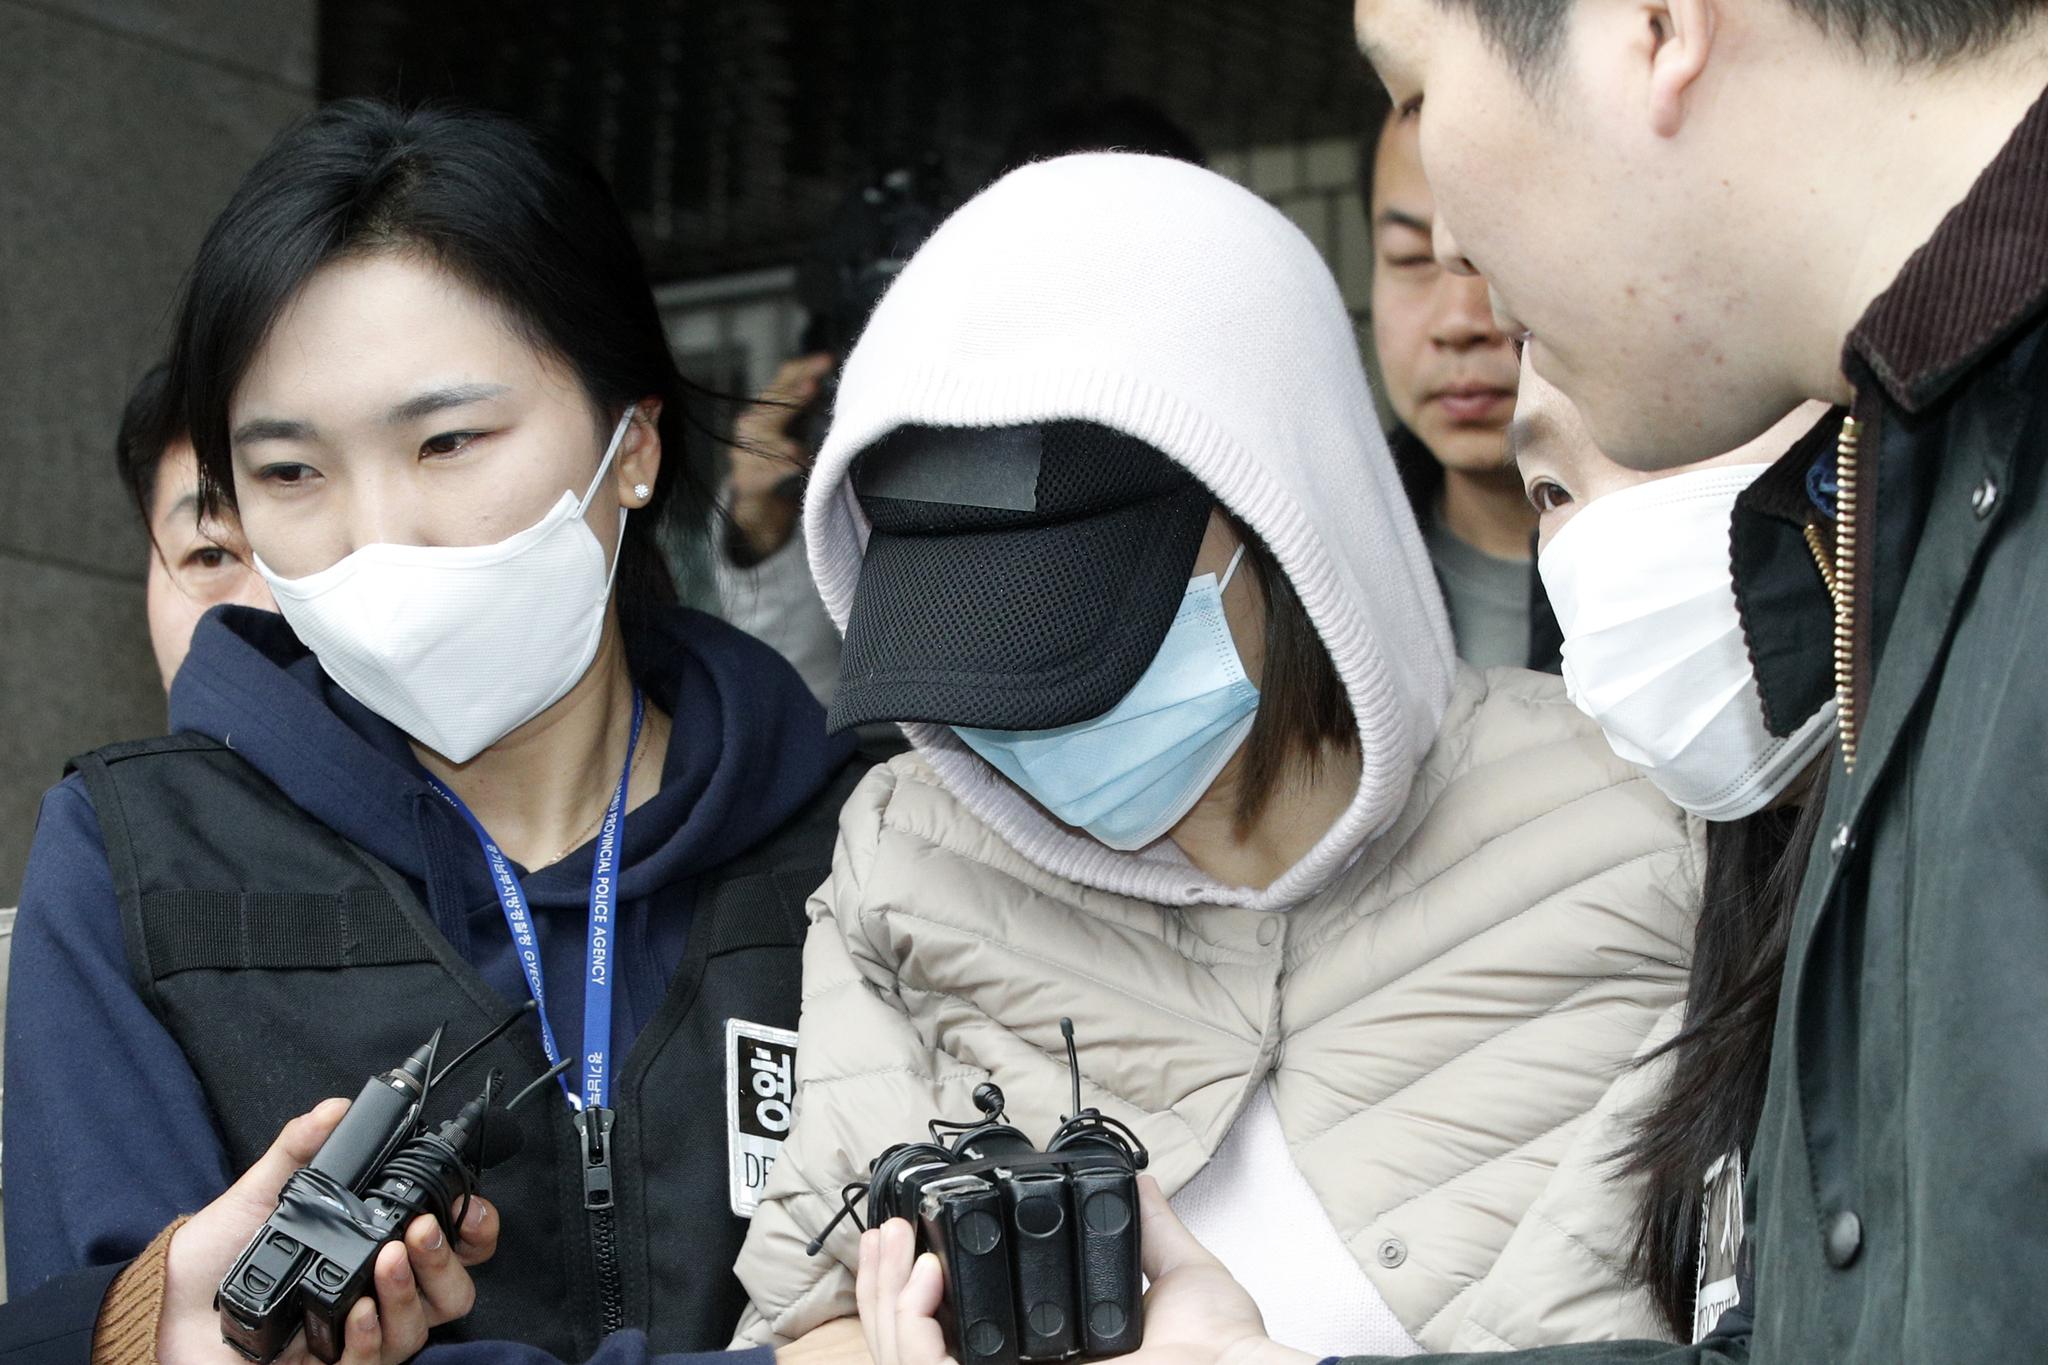 마약투약 혐의를 받고 있는 남양유업 창업주의 외손녀 황하나 씨가 6일 오후 경기 수원 영통구 수원남부경찰서에서 영장실질심사를 위해 수원지방법원으로 향하고 있다. [뉴스1]